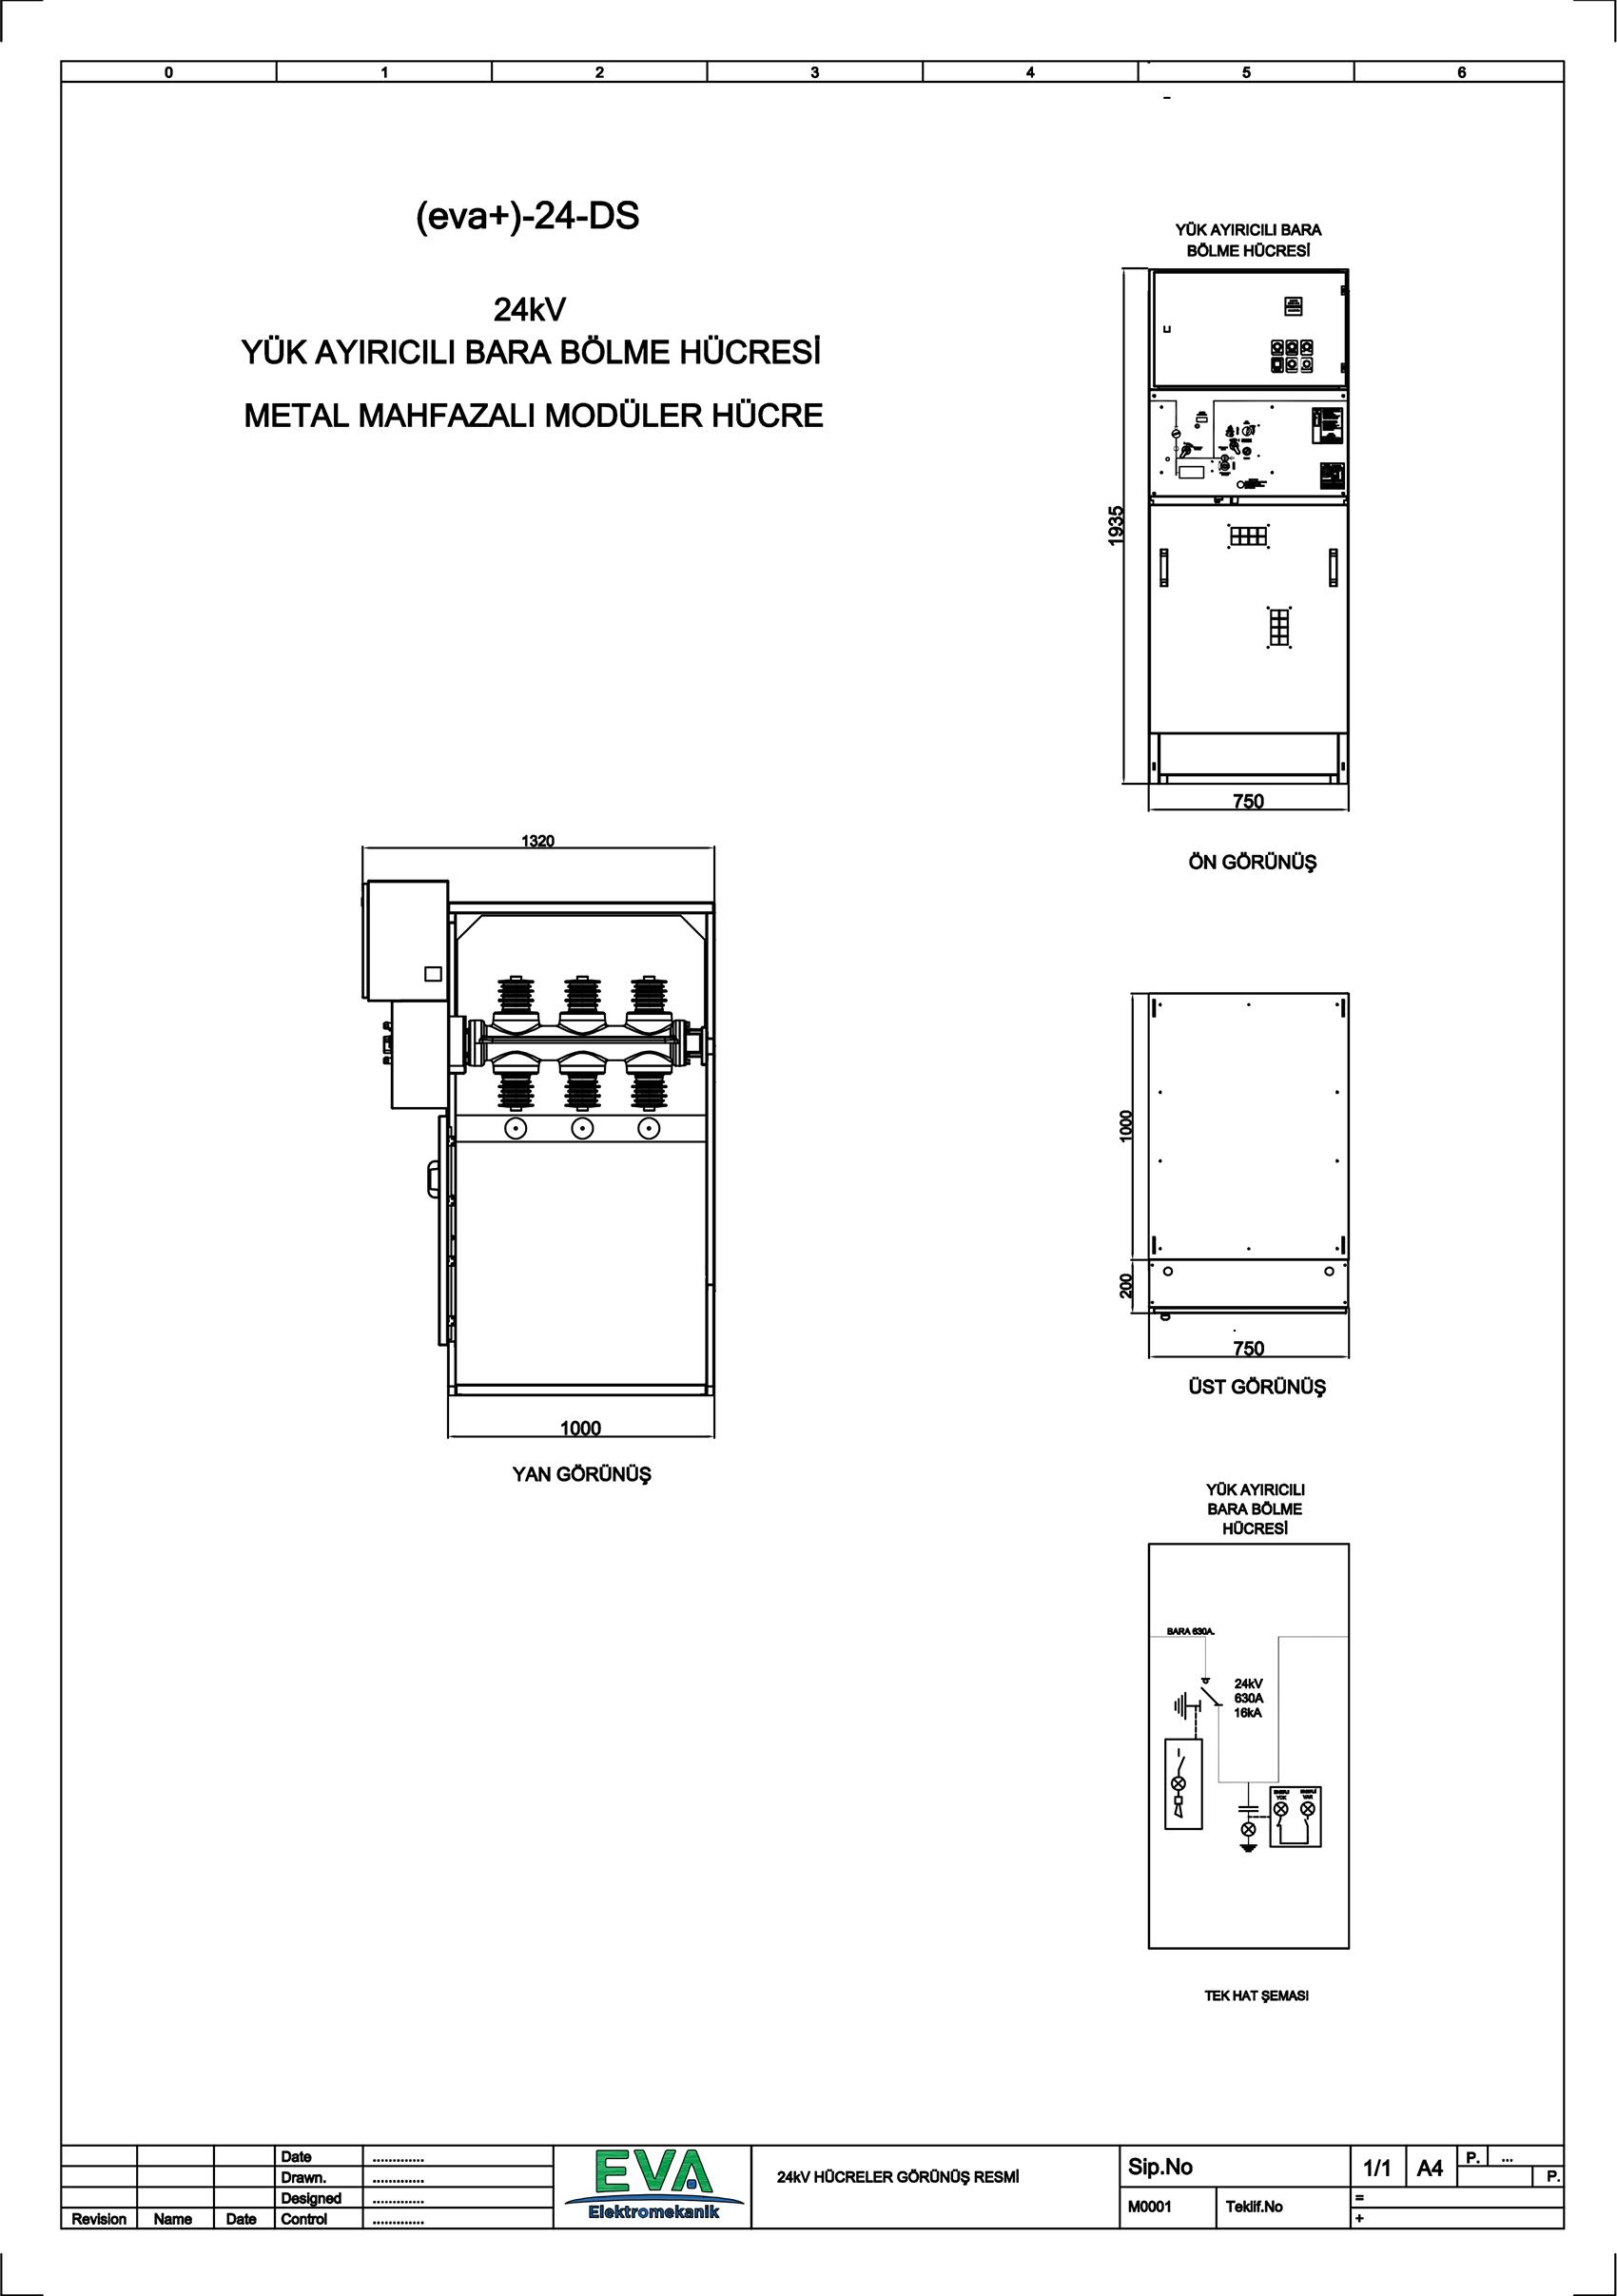 EVA+-24-DS Yük Ayırıcılı Bara Bölme Hücresi (Metal Mahfazalı Modüler Hücre)